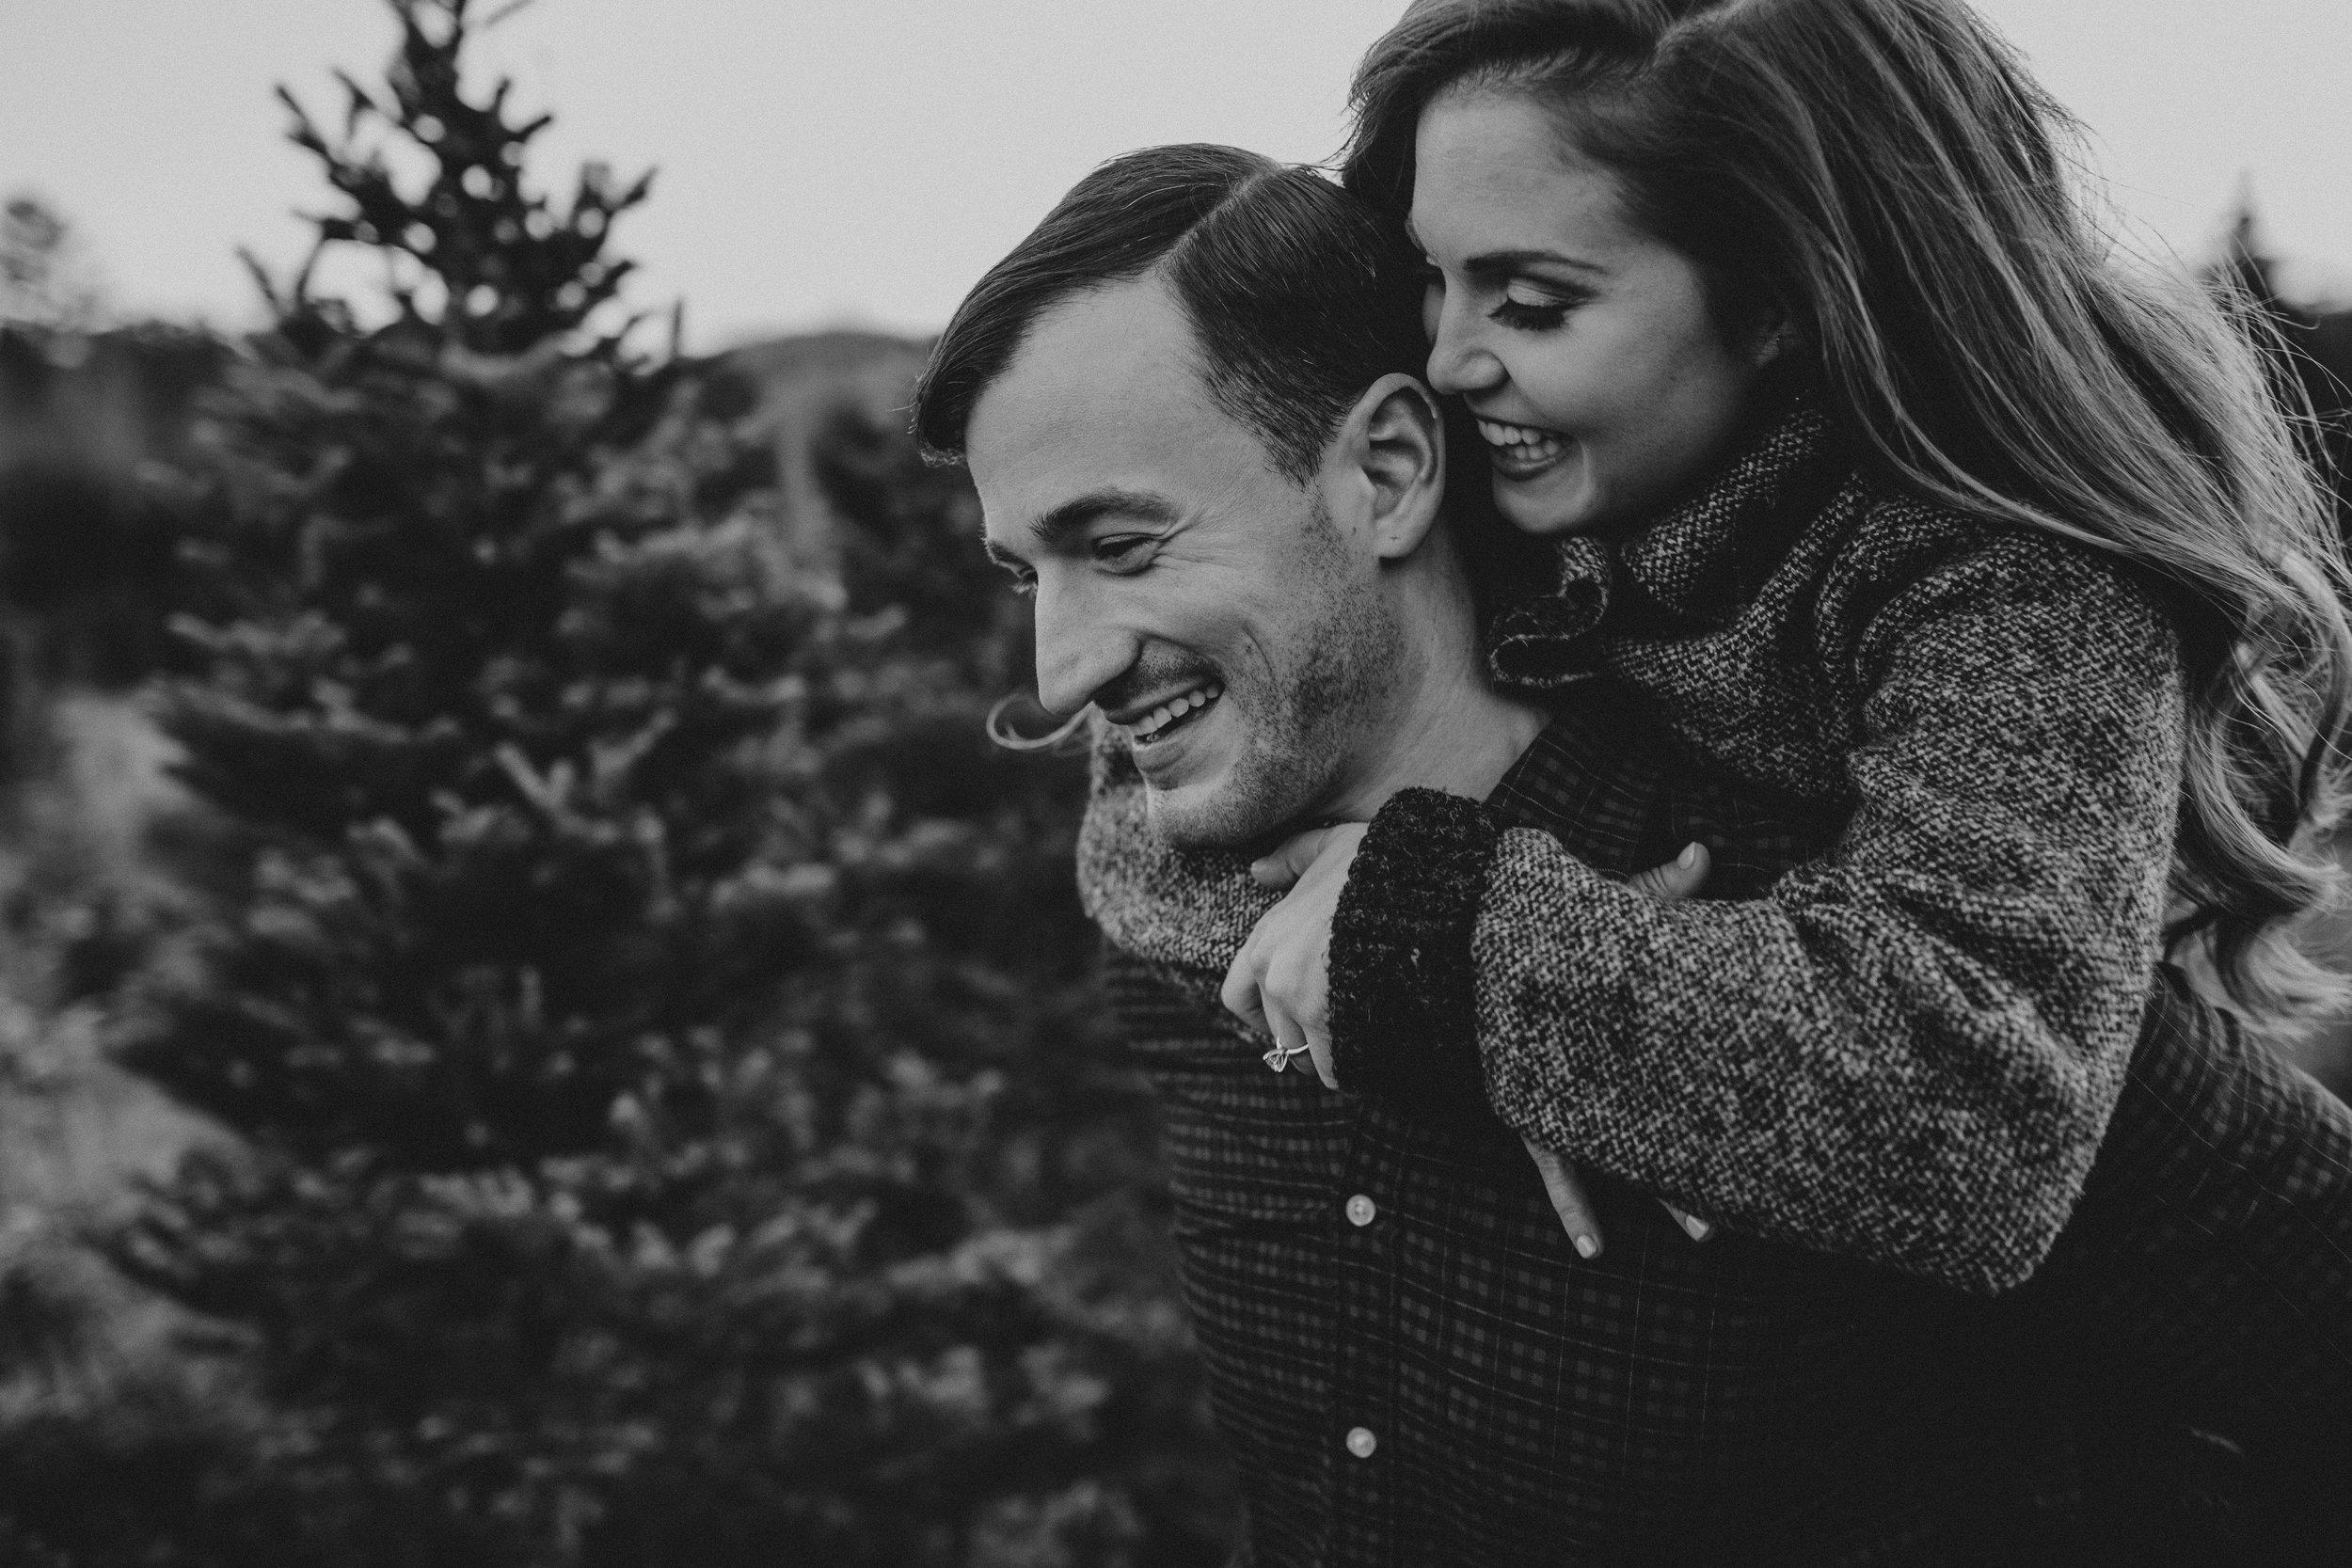 christmas_tree_farm_engagement_shoot_024.JPG